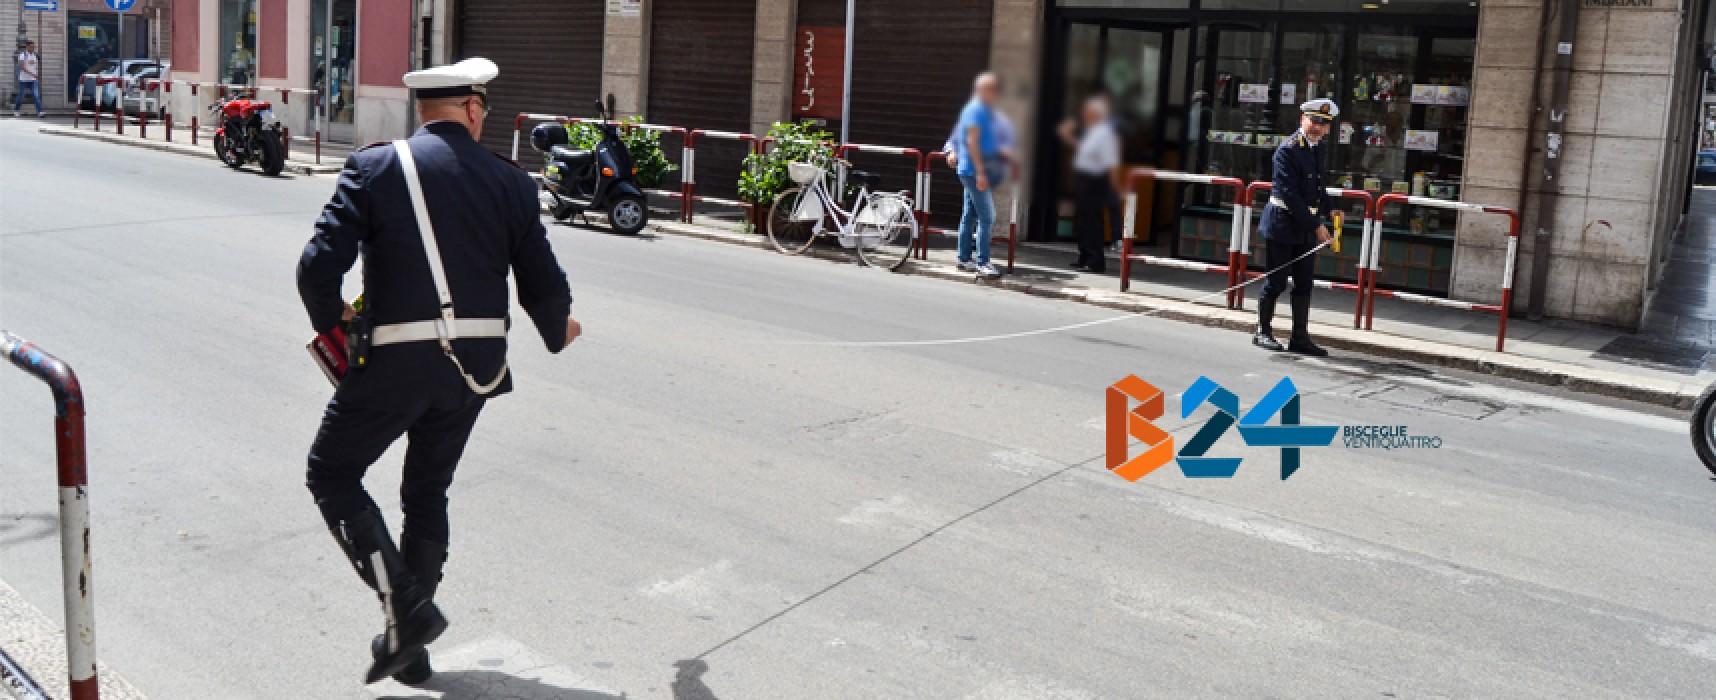 Grave incidente tra moto e bici in via Imbriani, morto un anziano biscegliese / FOTO